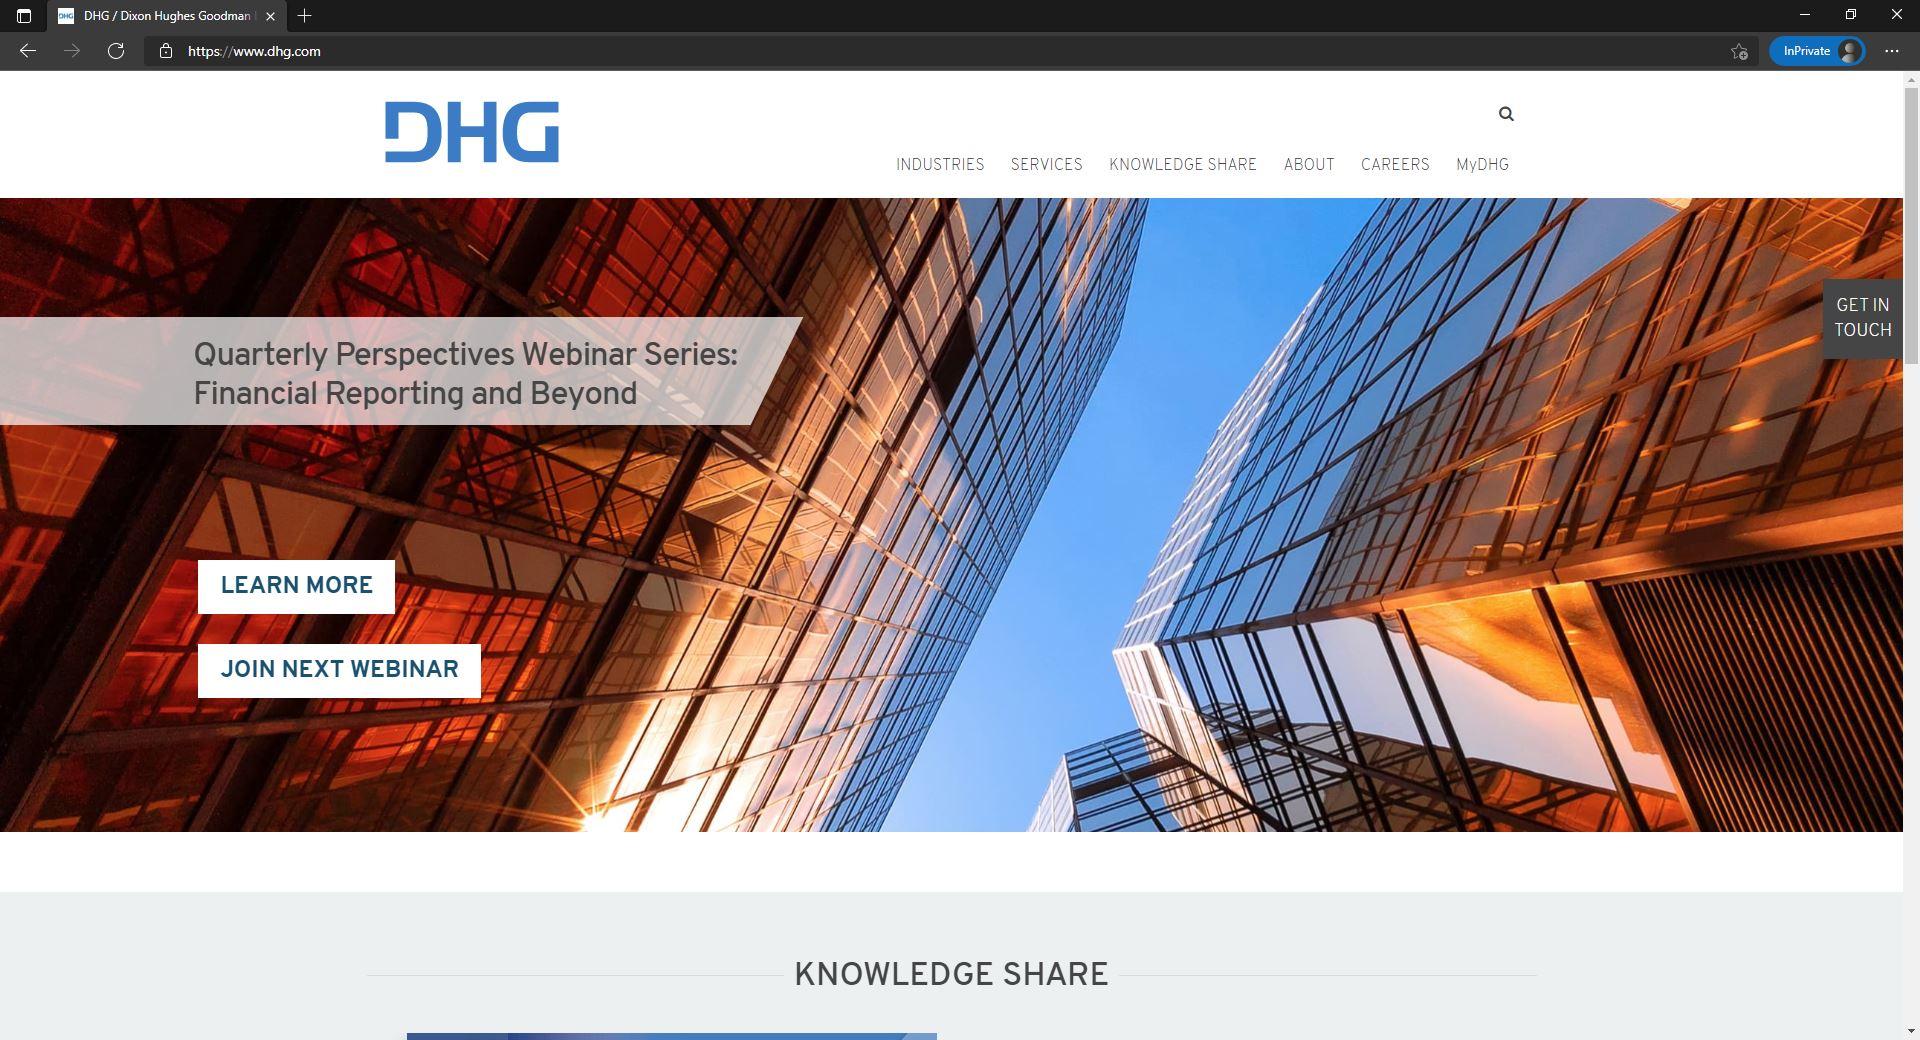 DHG website homepage